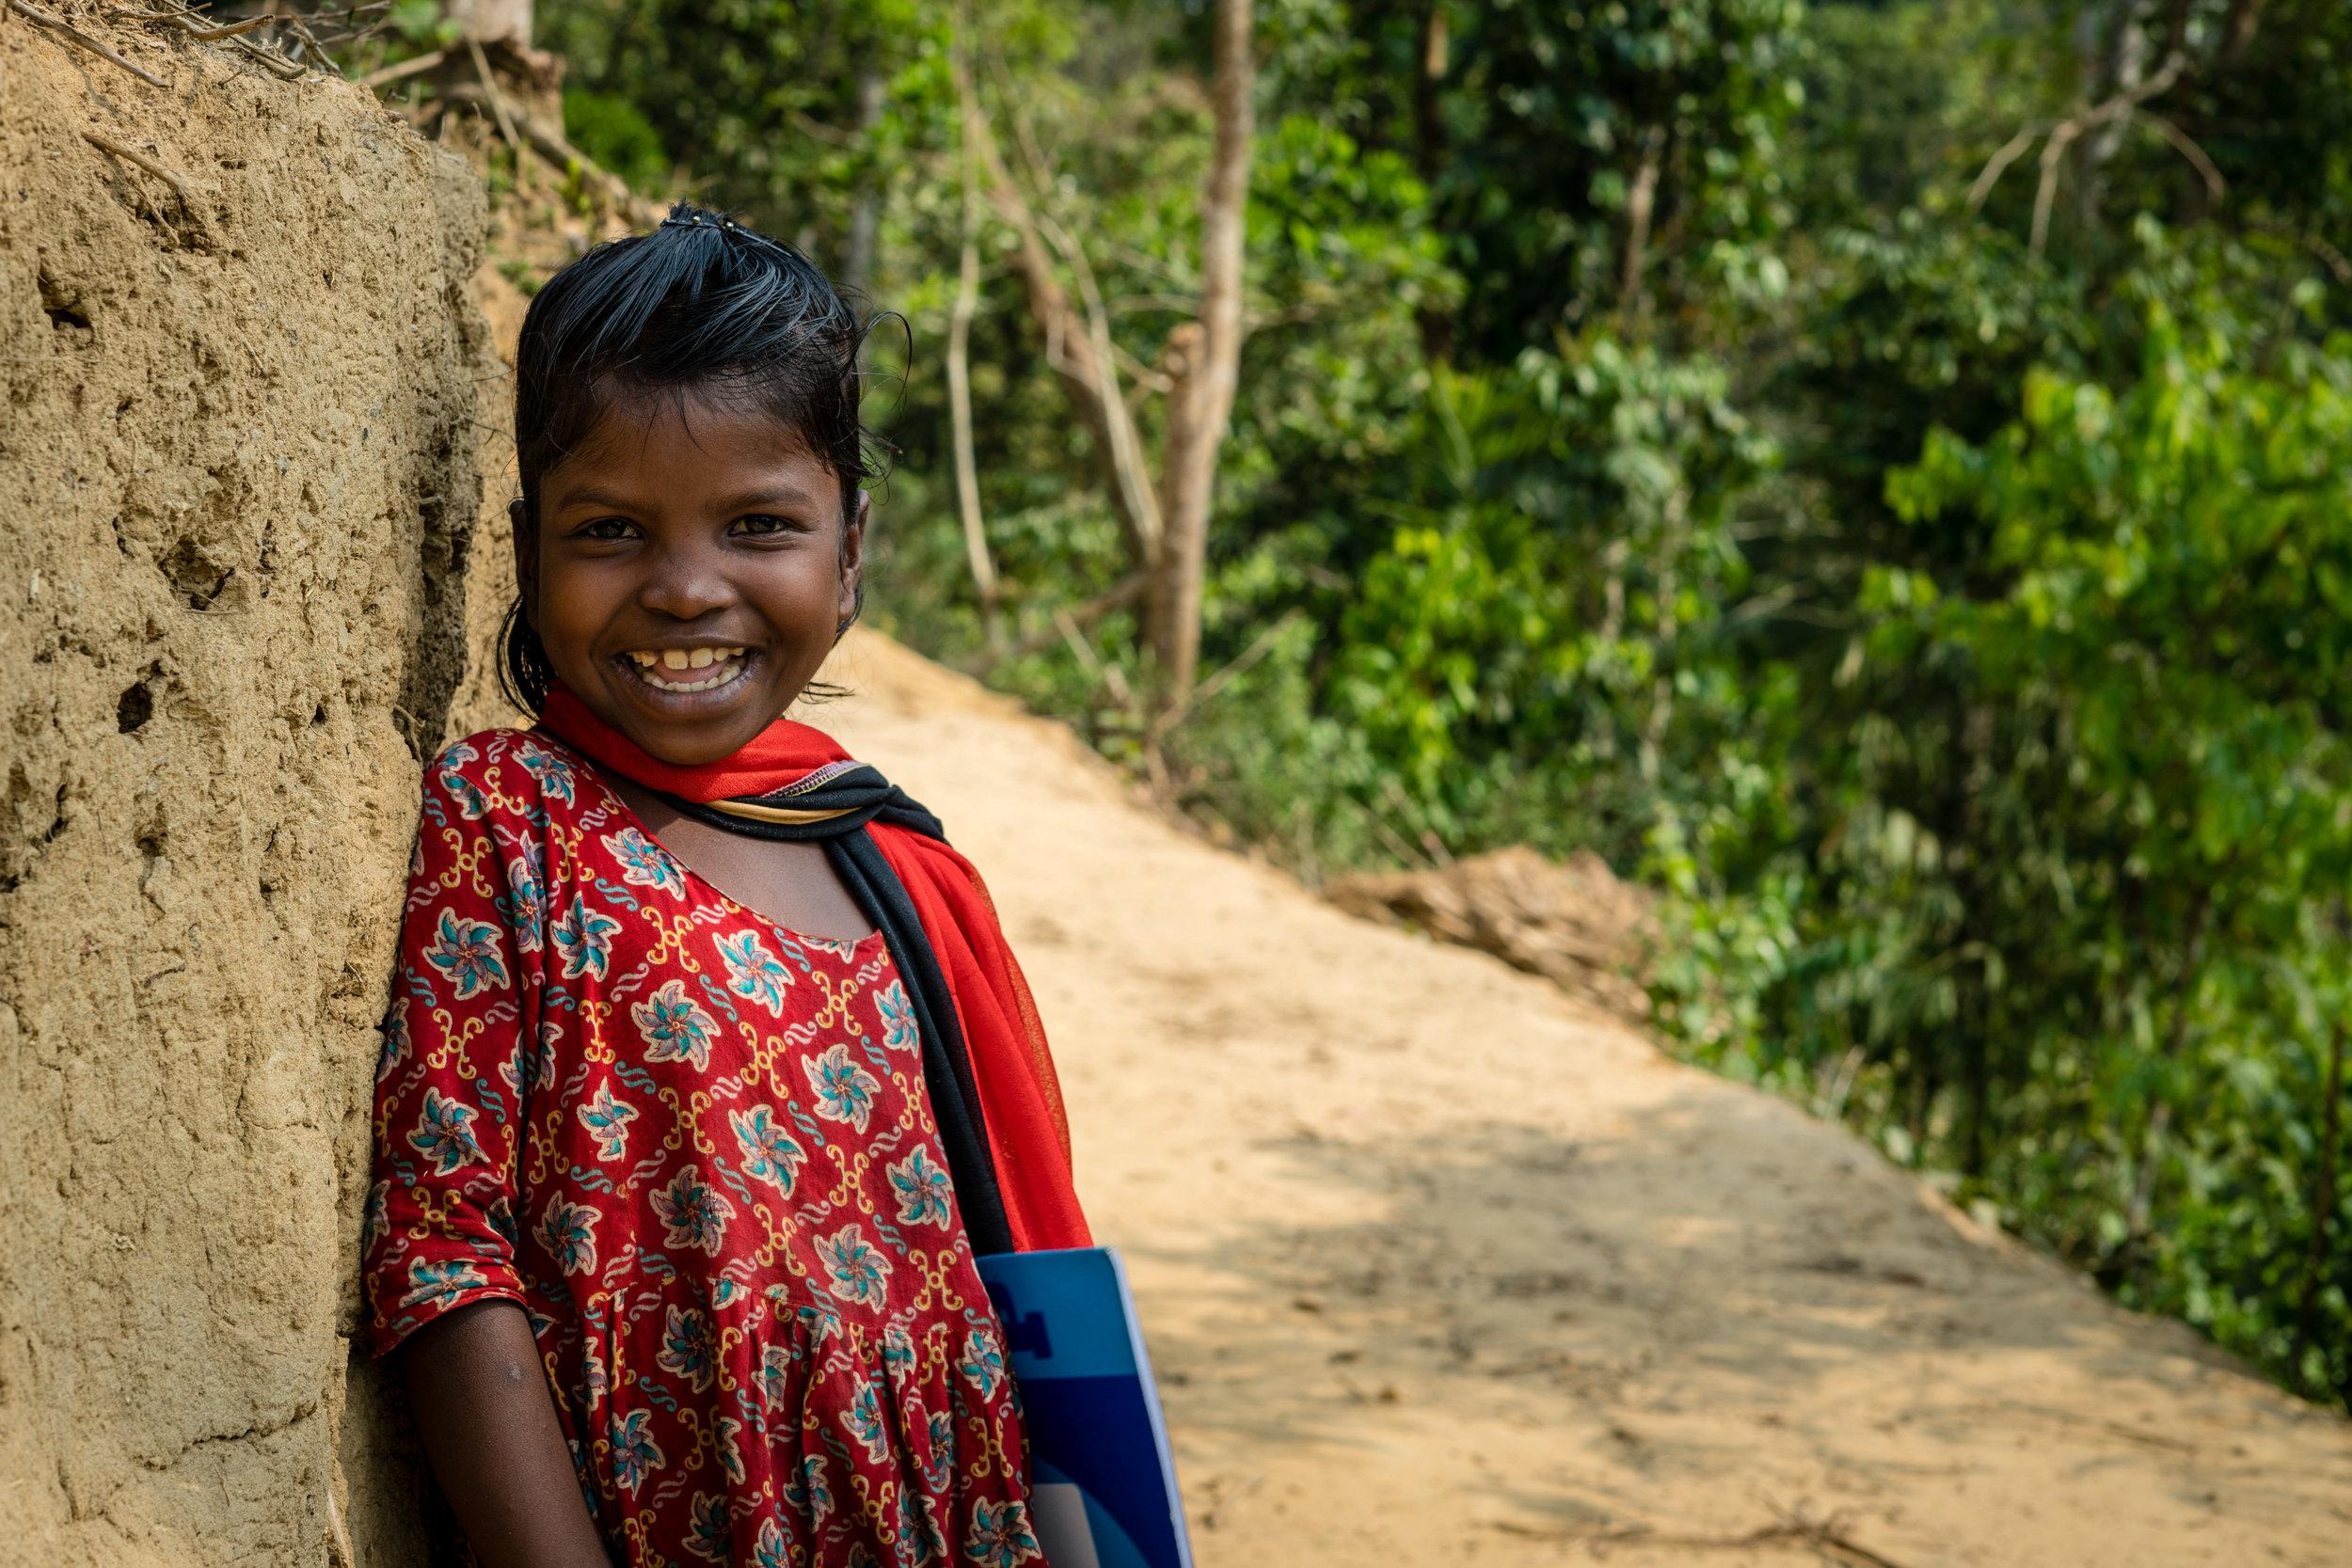 Bangladeshi girl goes to school | Bangladesh   ©LaurenKanaChan